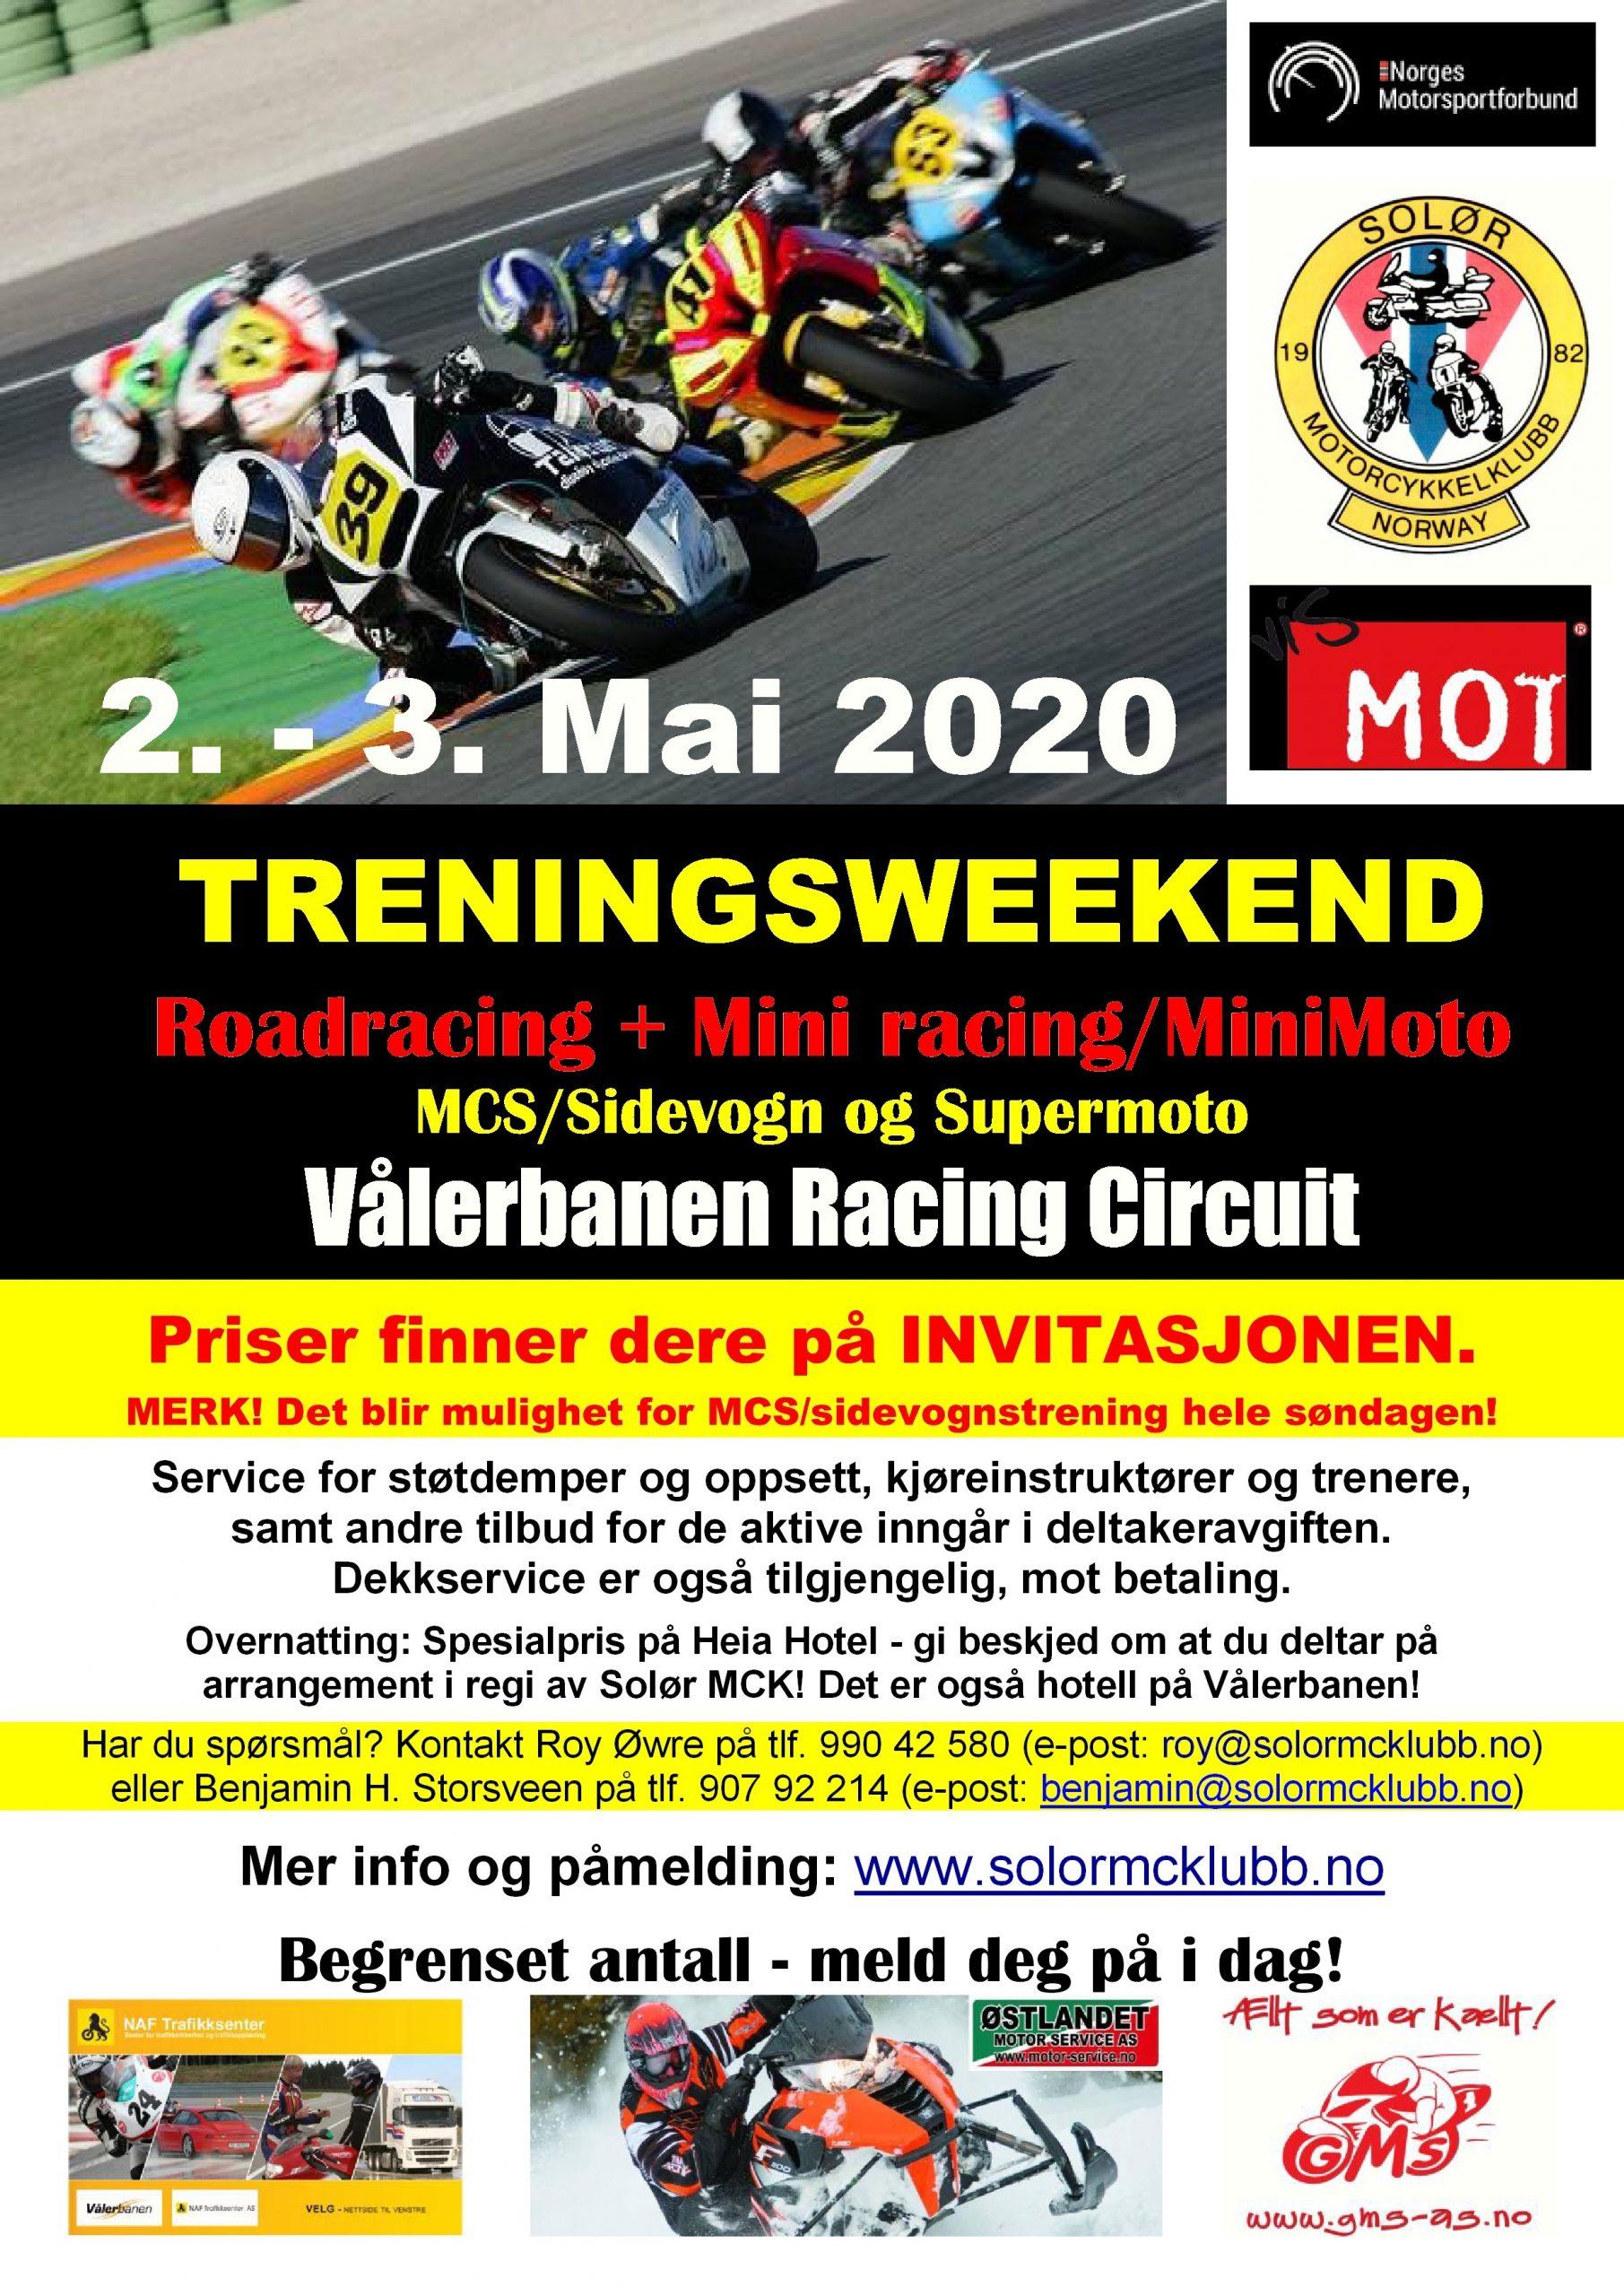 10 - POSTER - Treningsweekend - Vålerbanen - Mai 2020